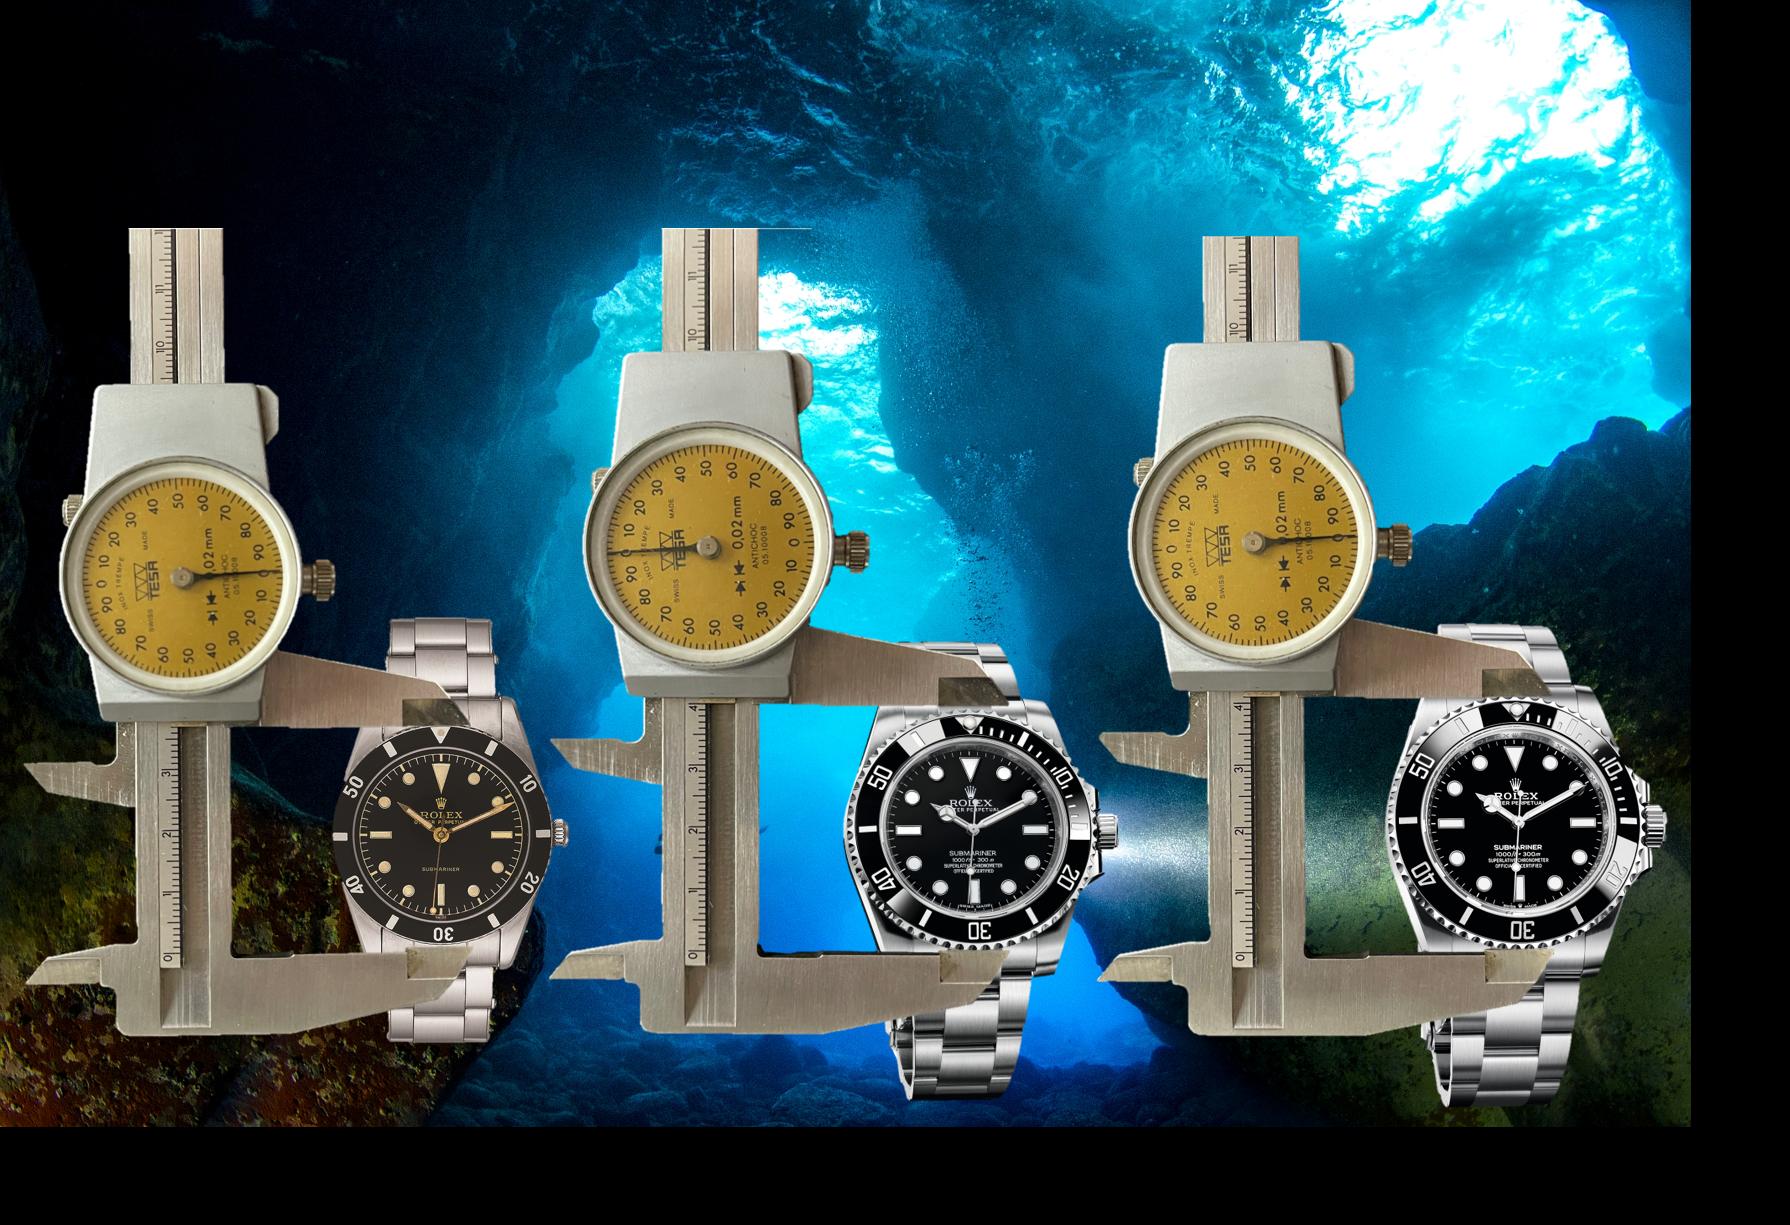 Rolex Oyster Perpetual Submariner, Referenzen 6200, 114060 und 124060 mit leichtem Wachstum des Gehäuse Durchmesser